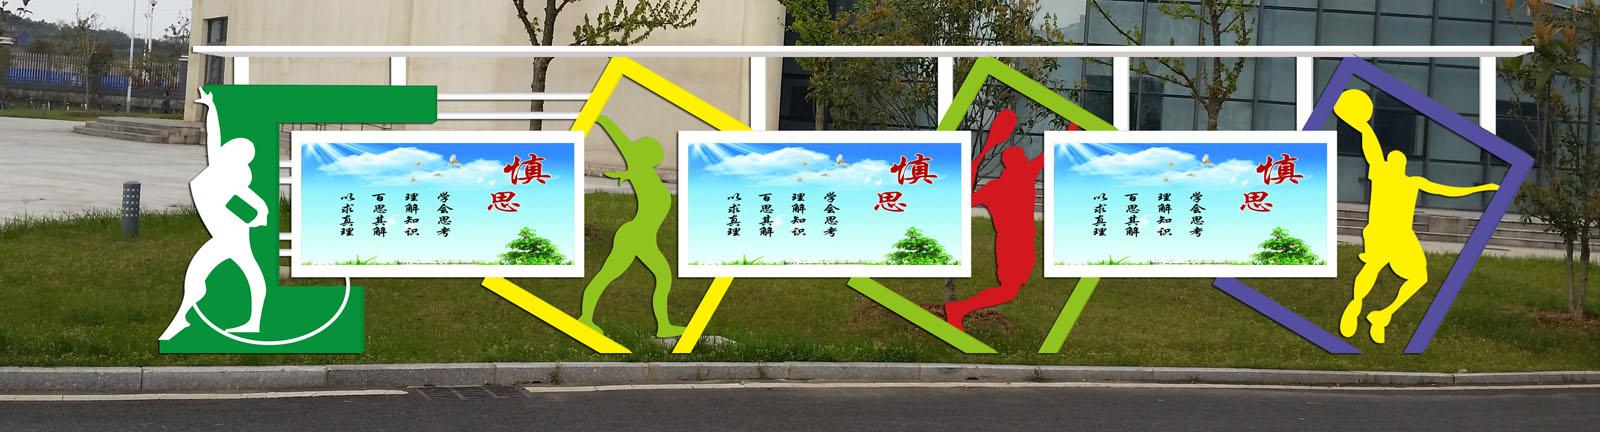 江苏公交候车亭